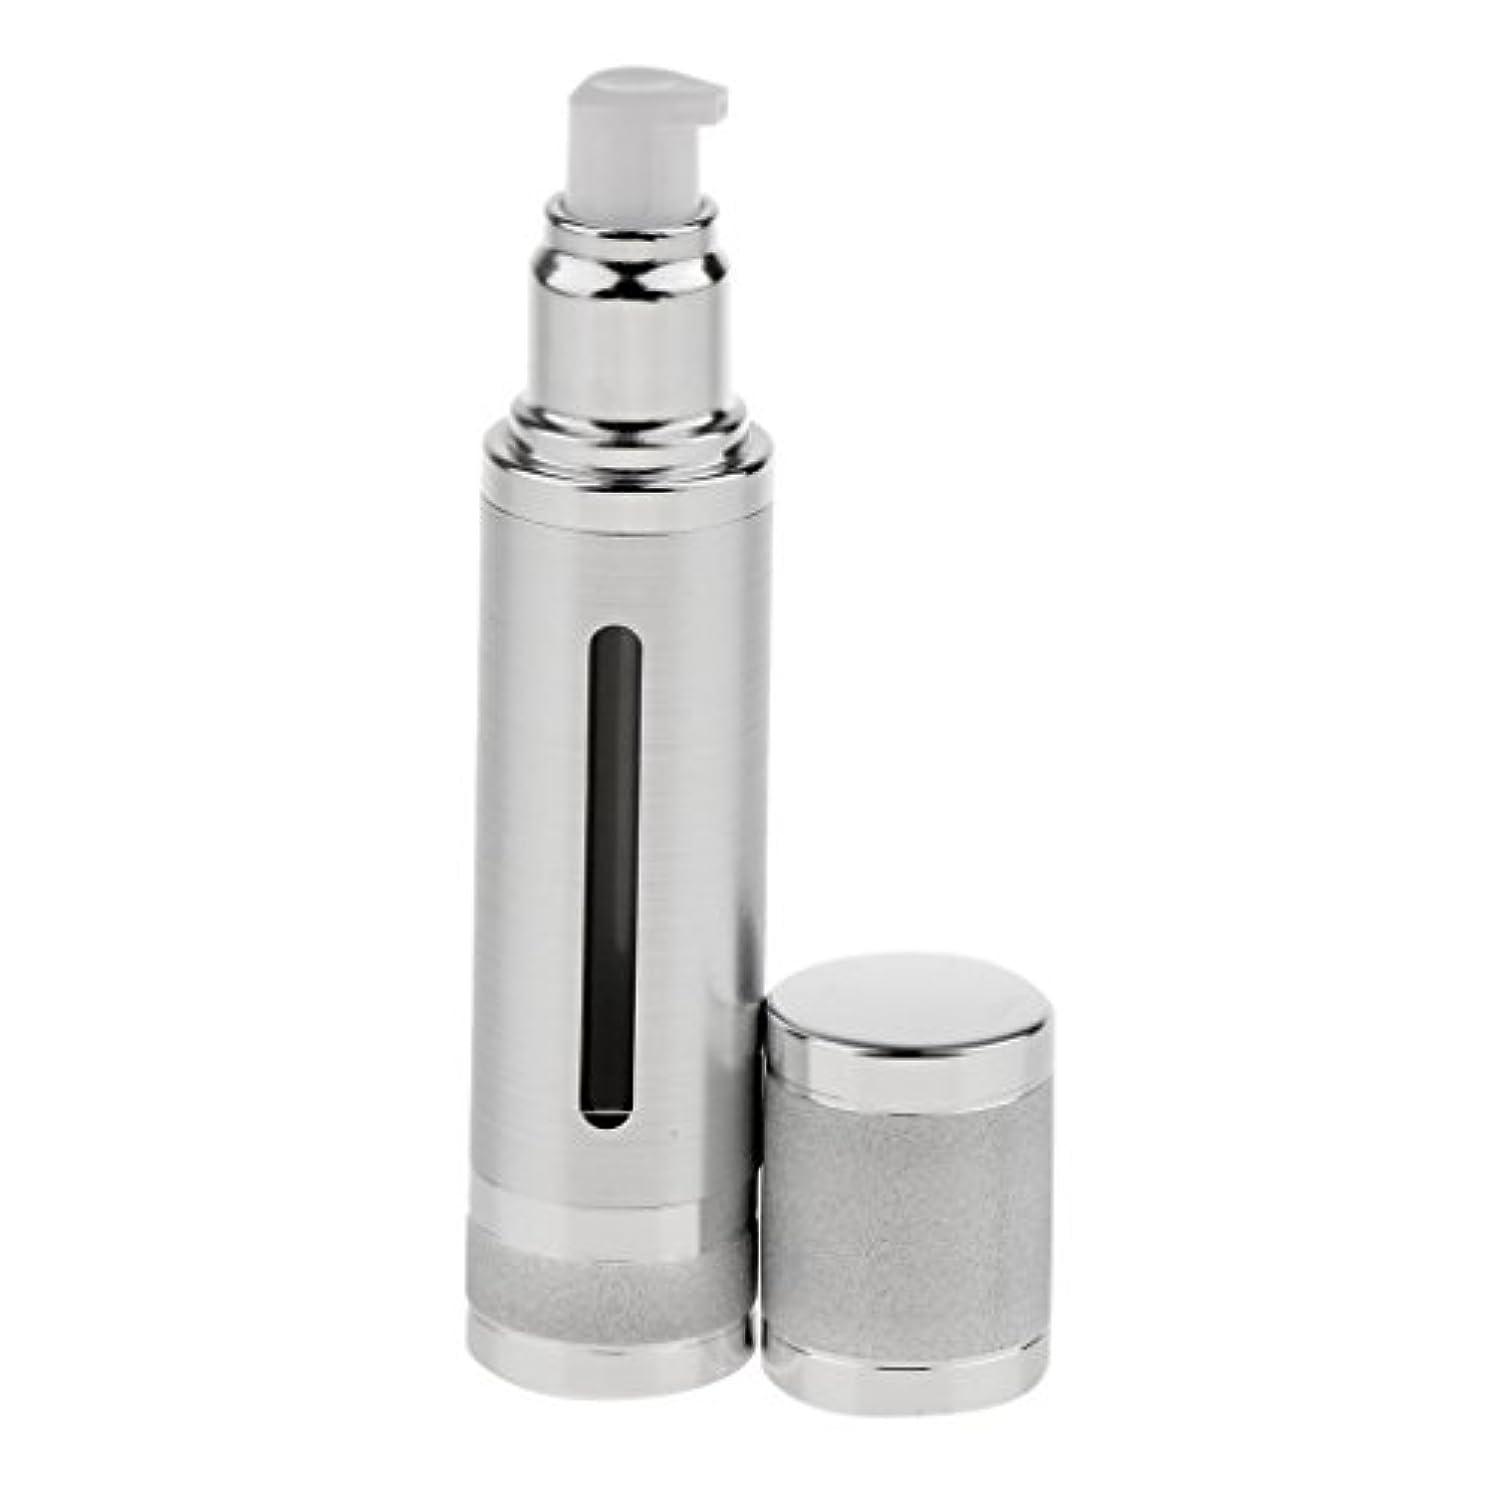 進化集中すすり泣きエアレスボトル 50ml エアレス ポンプボトル ローション クリーム 化粧品 詰め替え可 容器 2色選べる - 銀